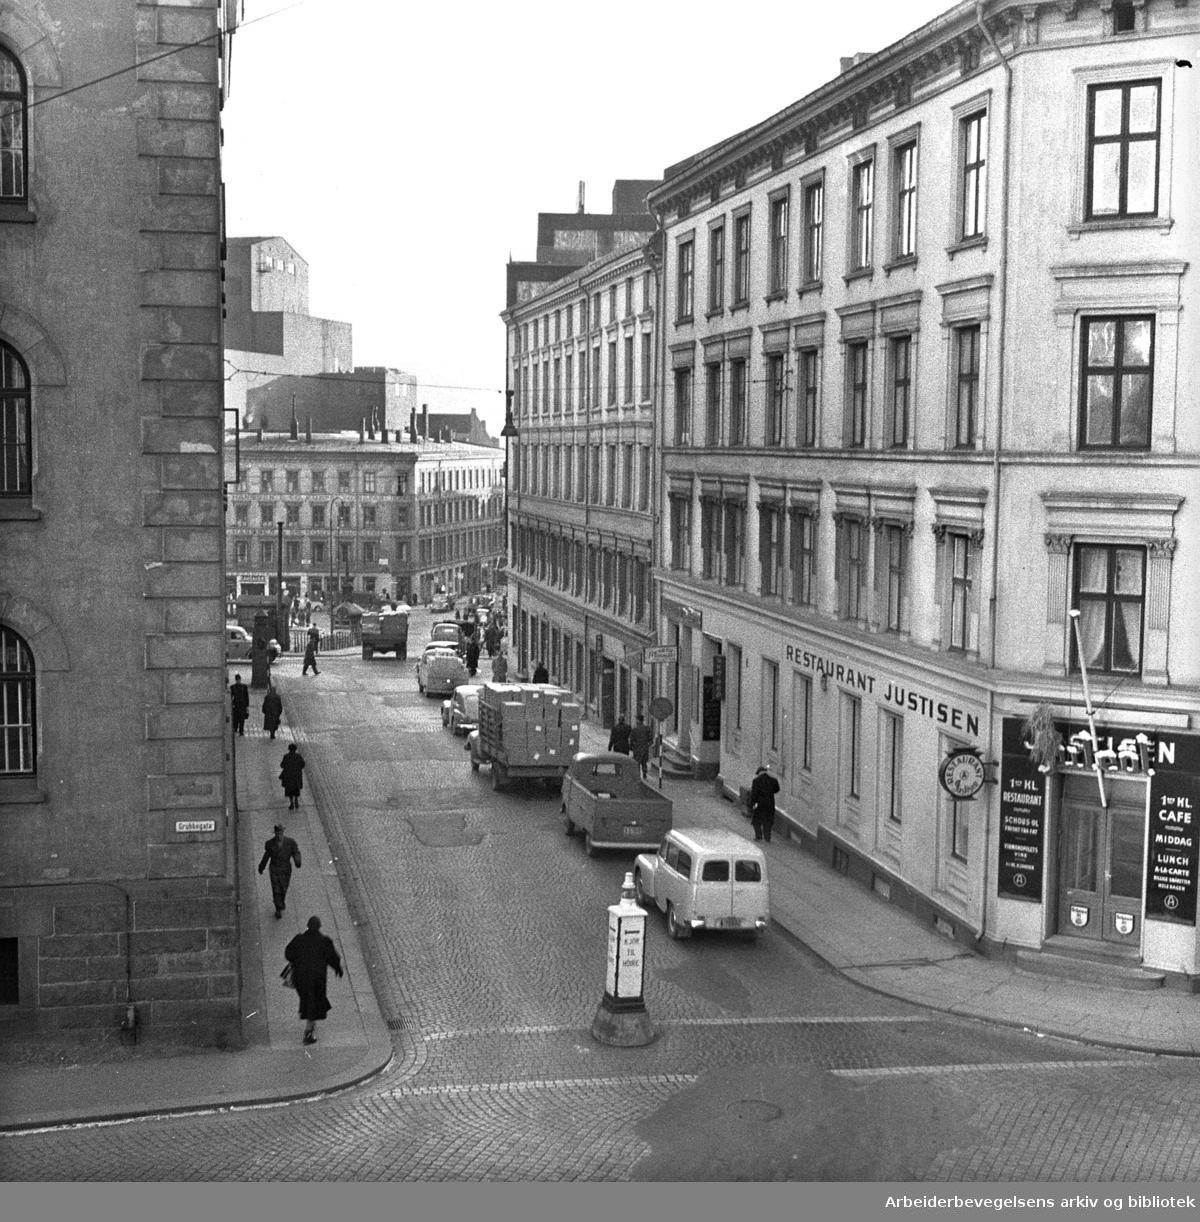 Pløens gate med restaurant Justisen,.desember 1957